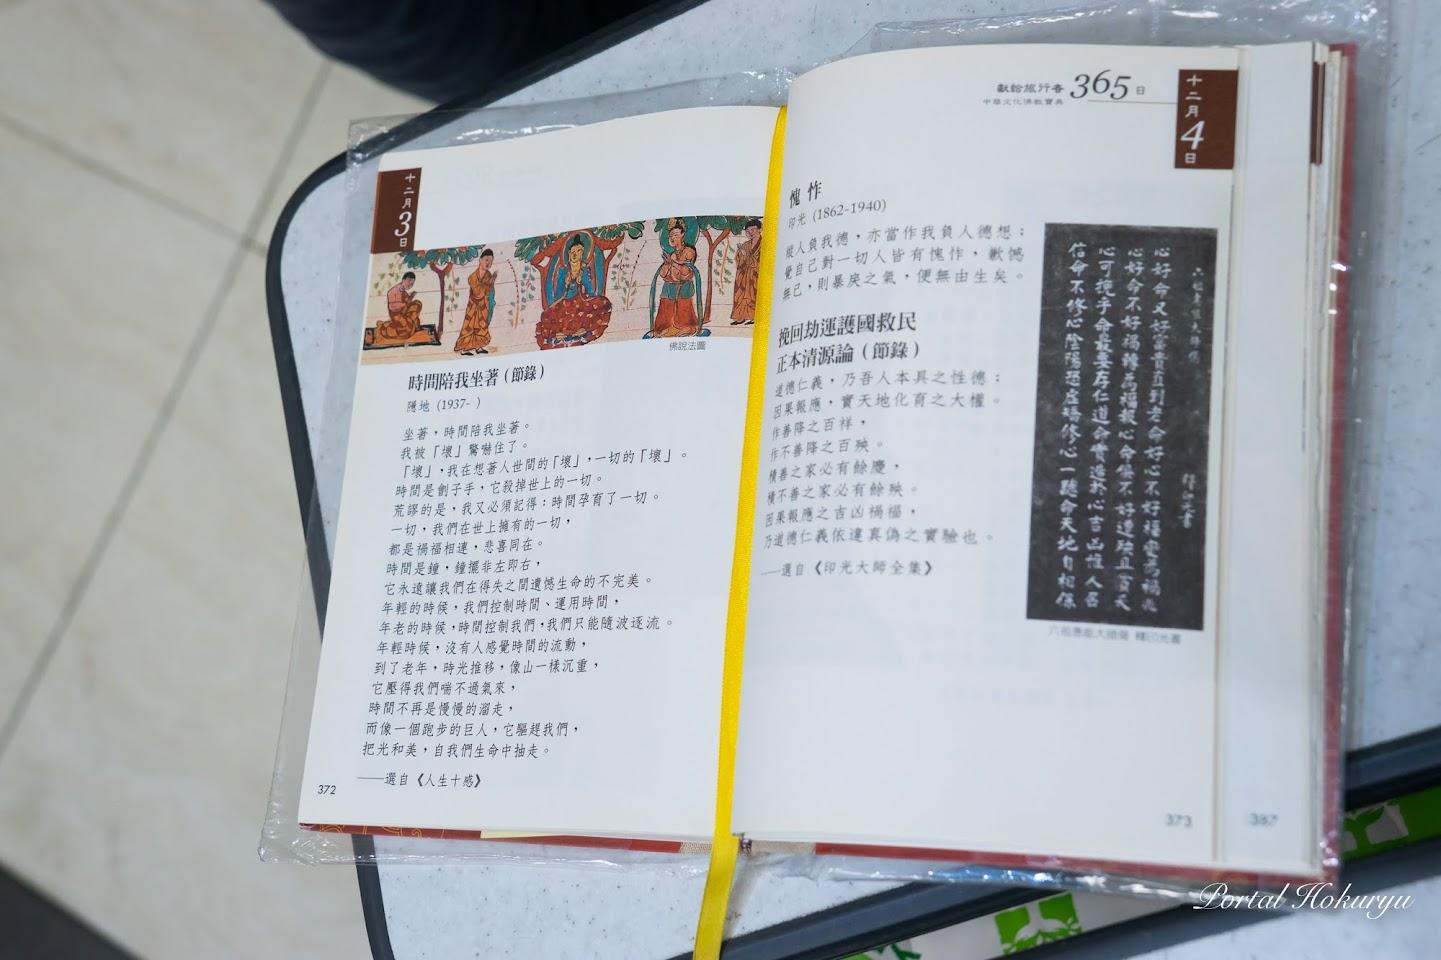 『356日中華文化仏教辞典』の一節(12月3日・4日)